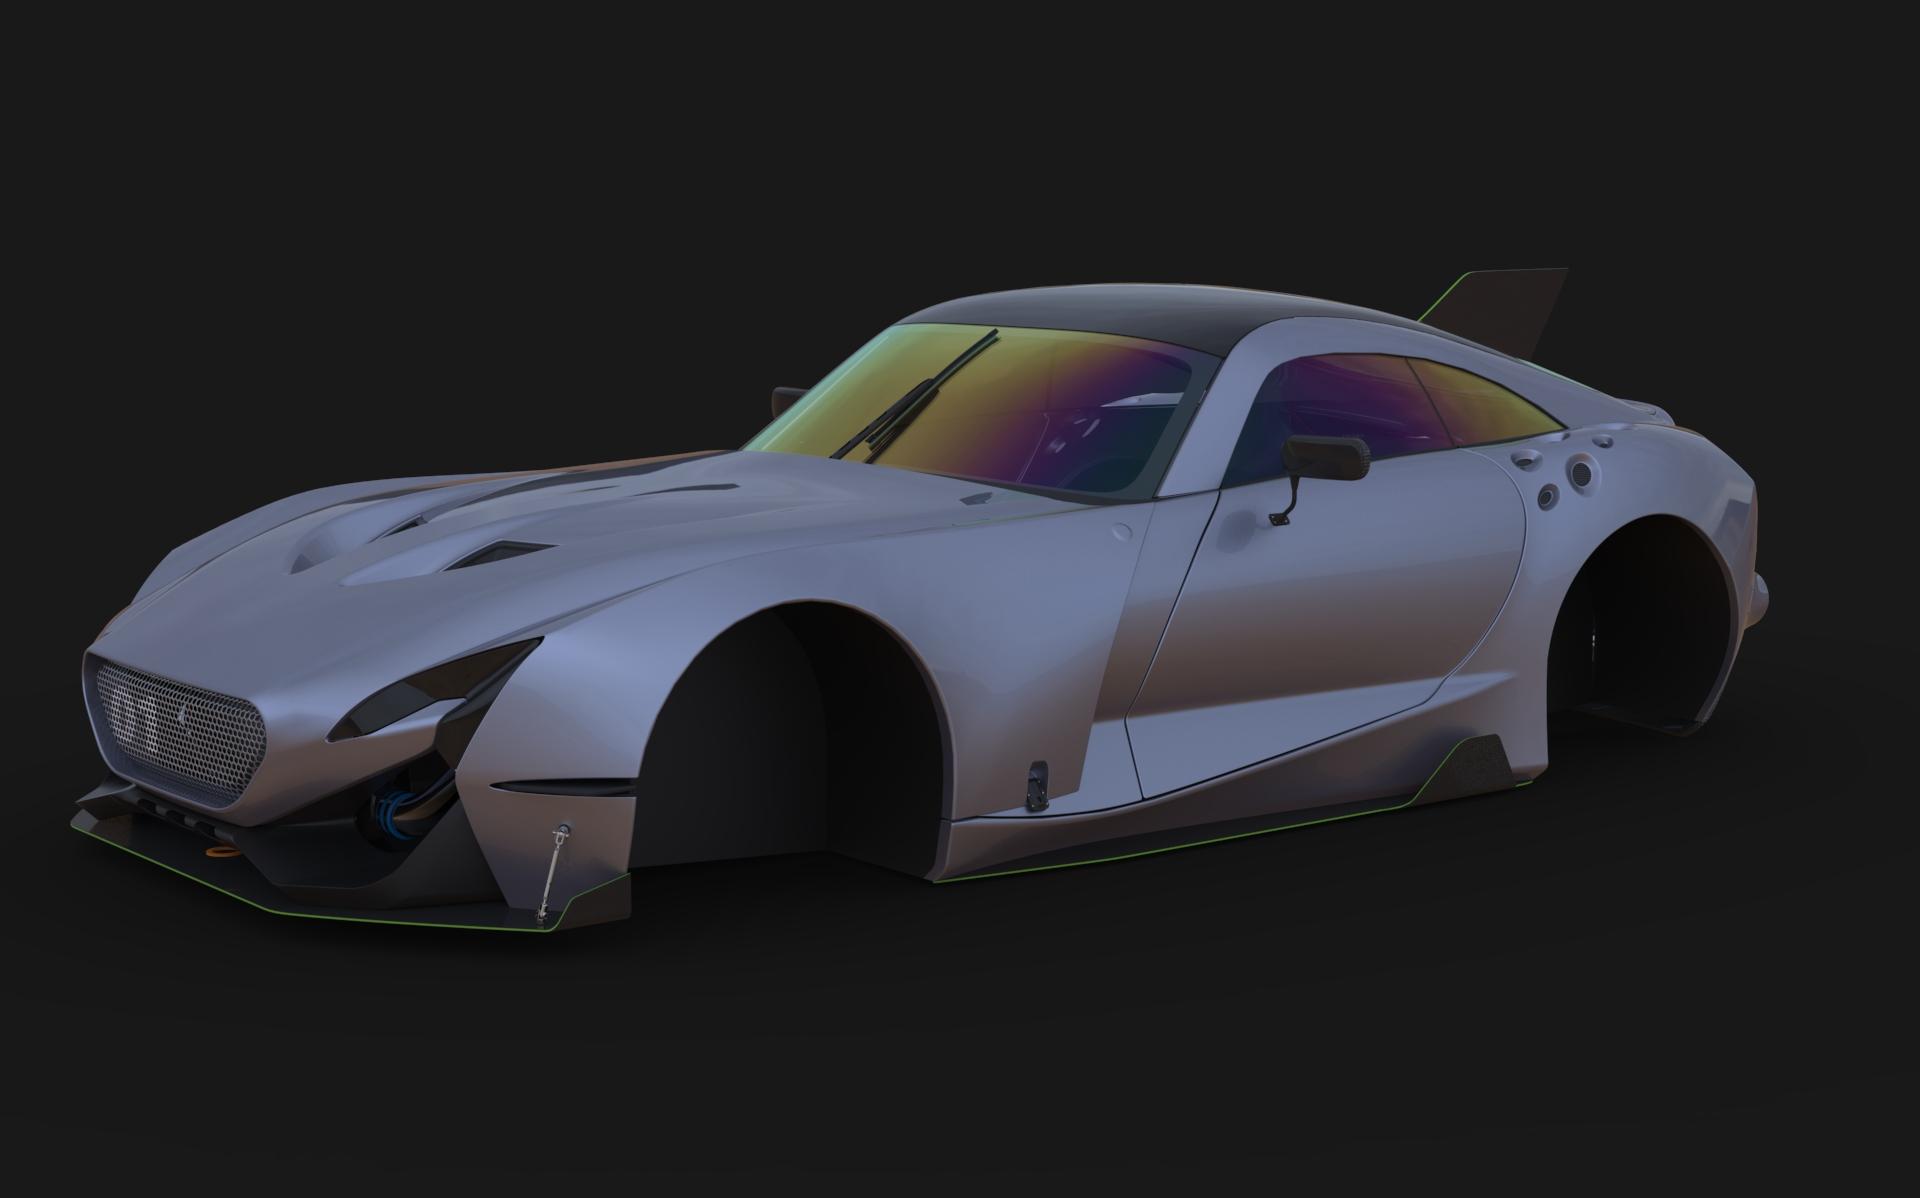 Car Render Challenge 2017 - TVR Spitfire